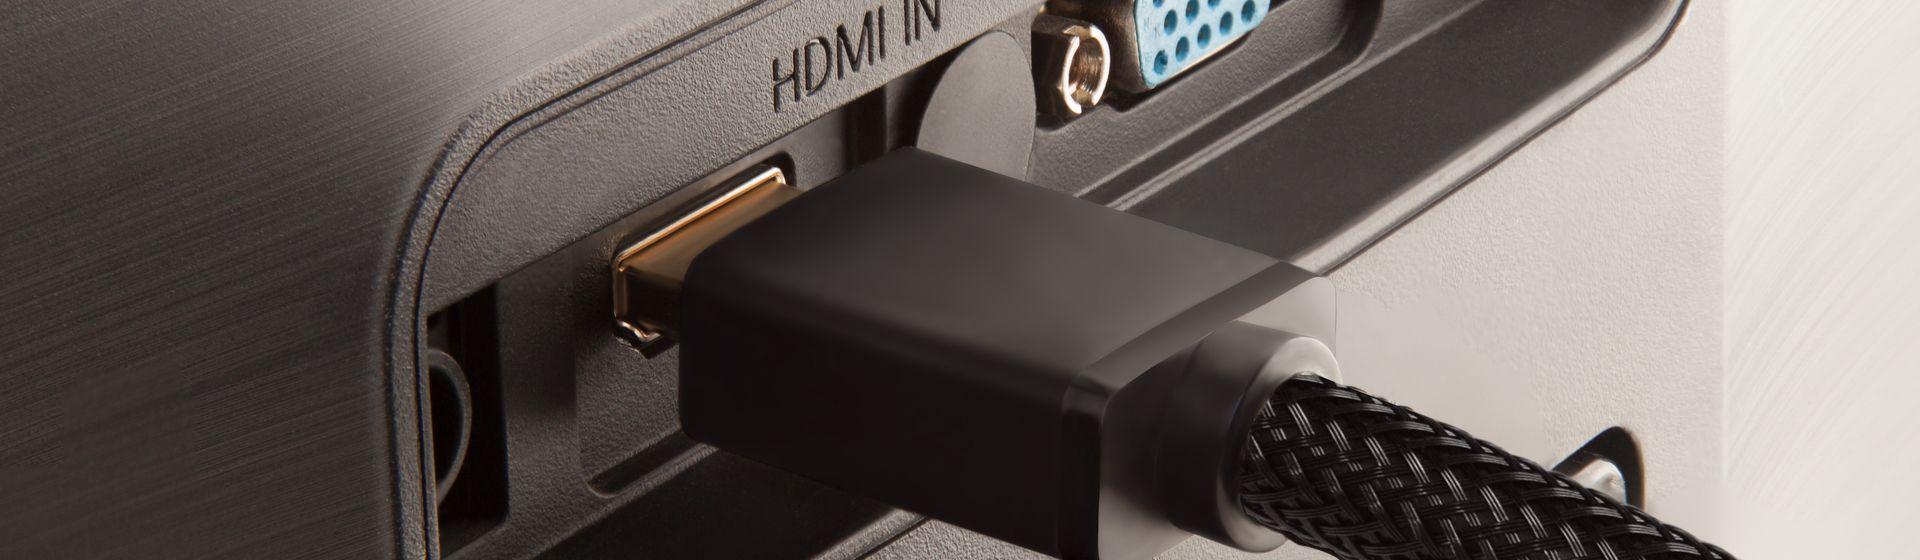 HDMI, DVI, DisplayPort e VGA: qual cabo devo usar?